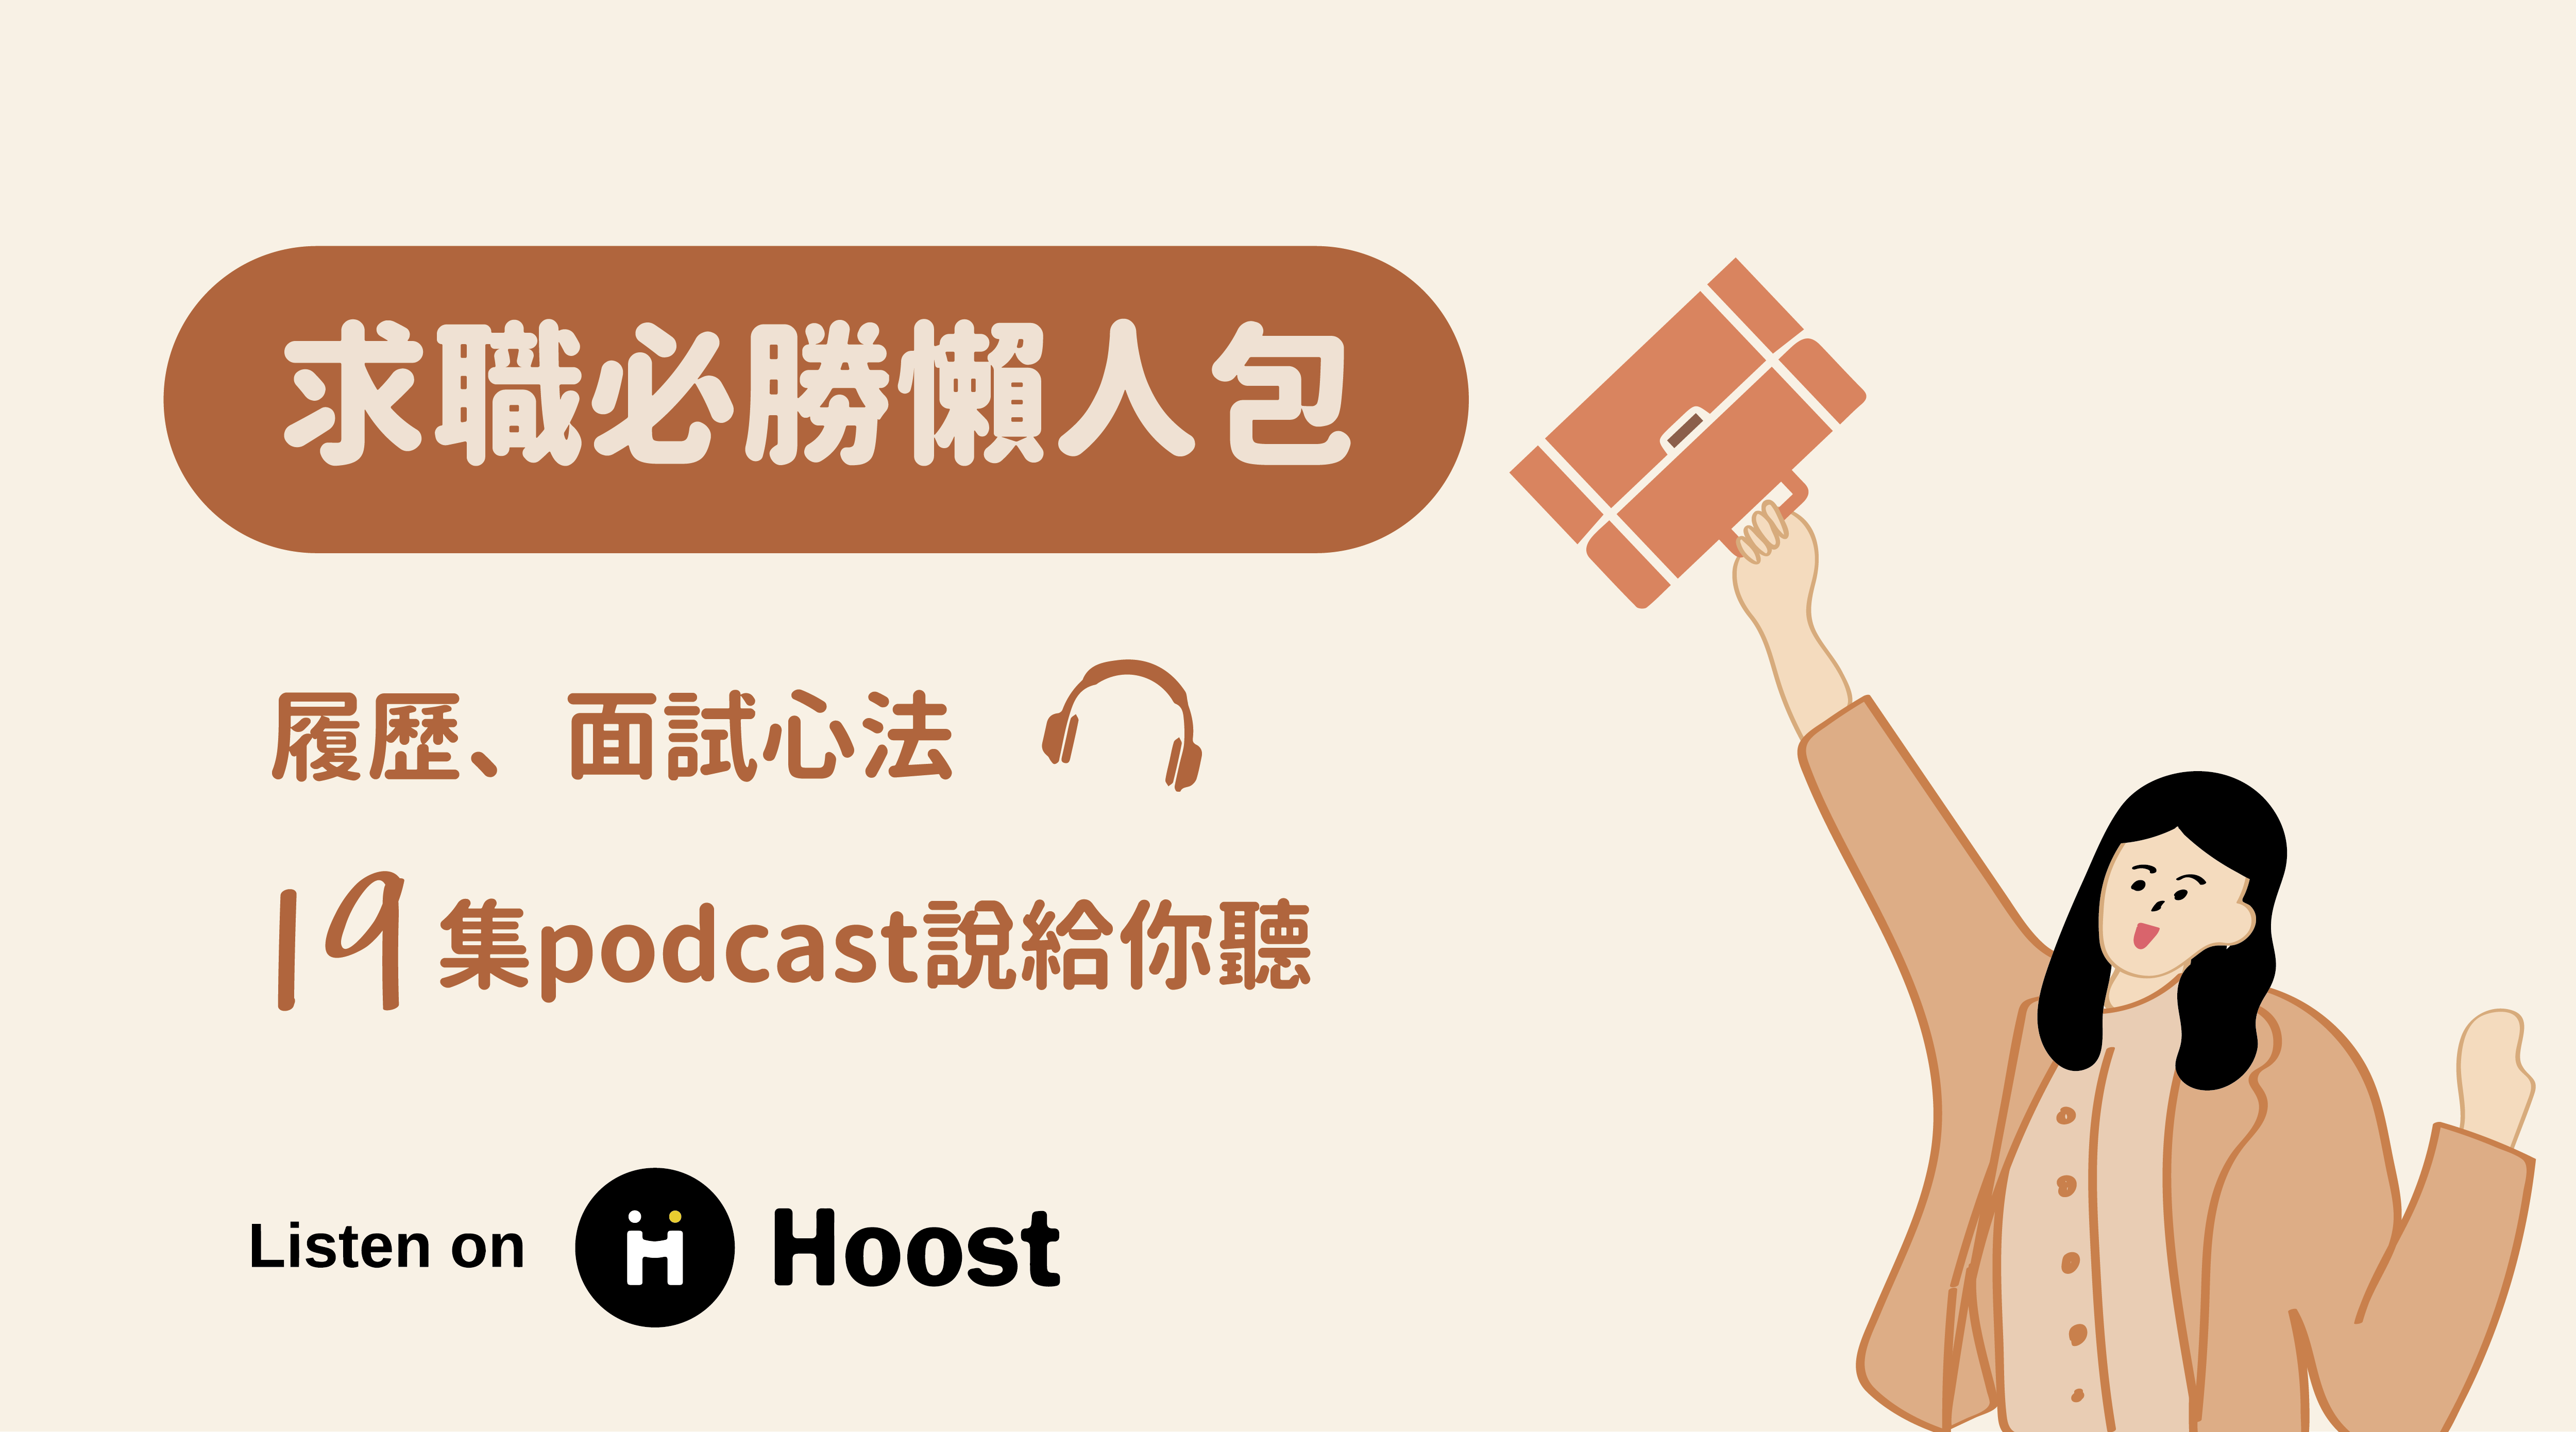 求職必勝懶人包 履歷面試心法 19 集 Podcast 通通說給你聽